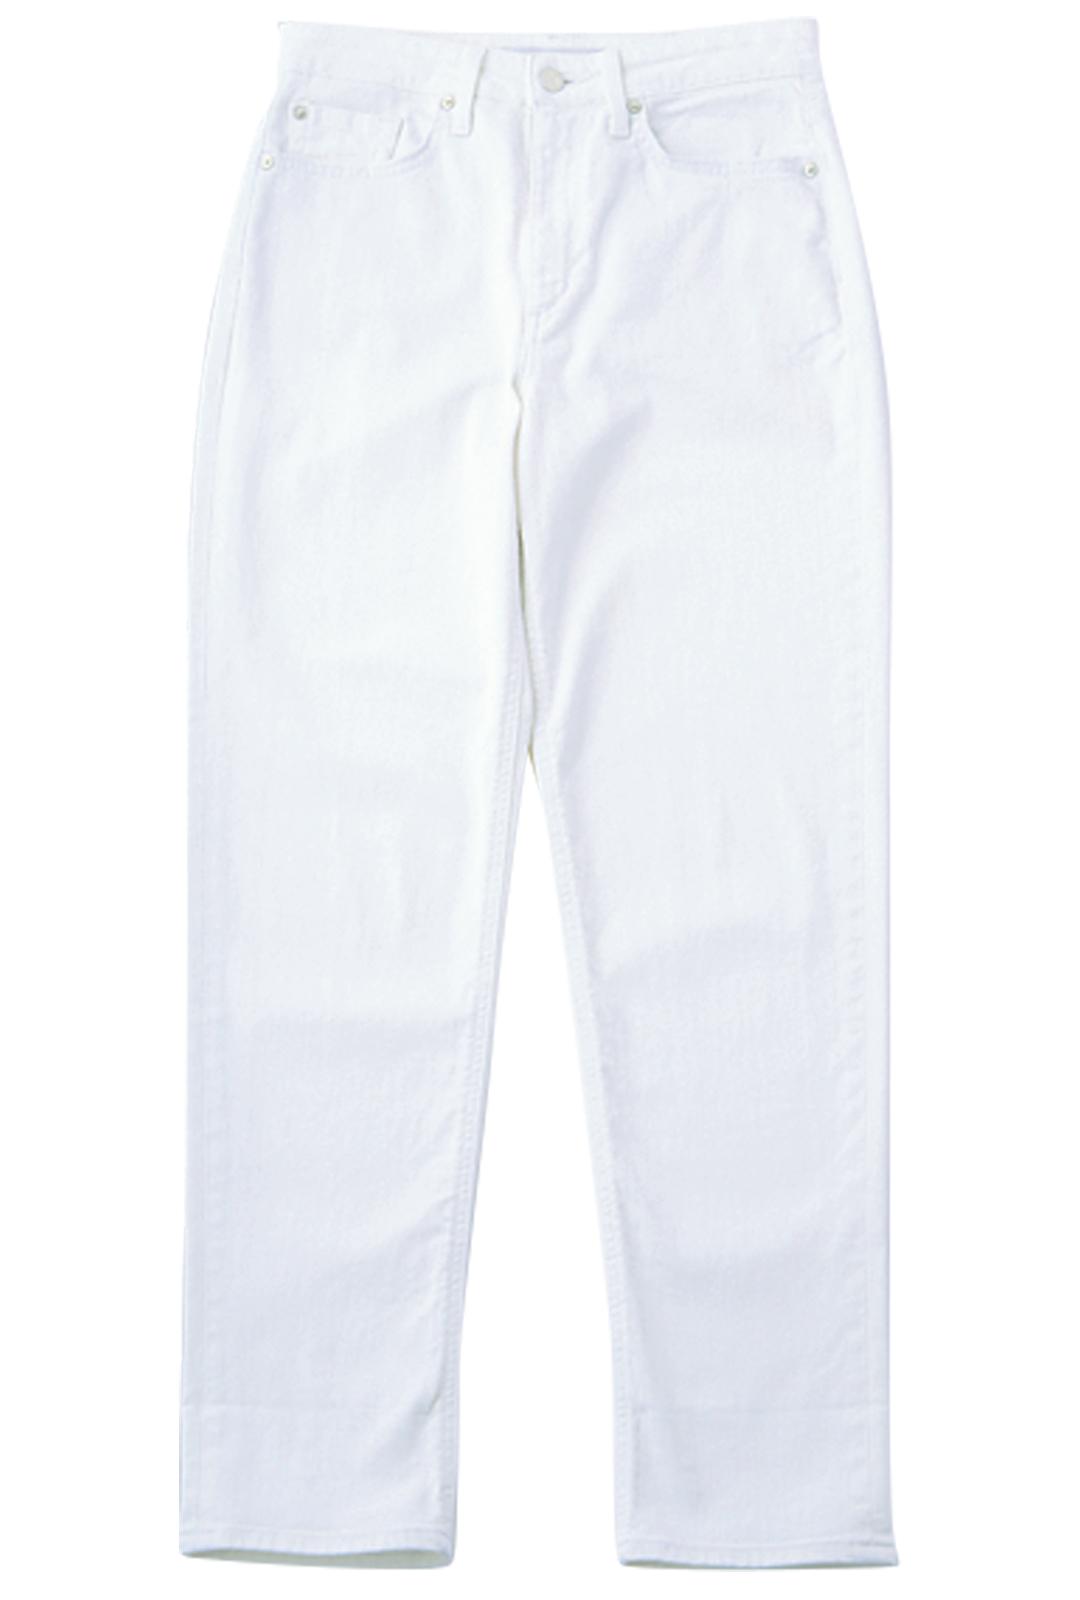 馬場ふみかが着るジョーズのホワイトデニム♡ 腰回りのキレイさに注目!_1_3